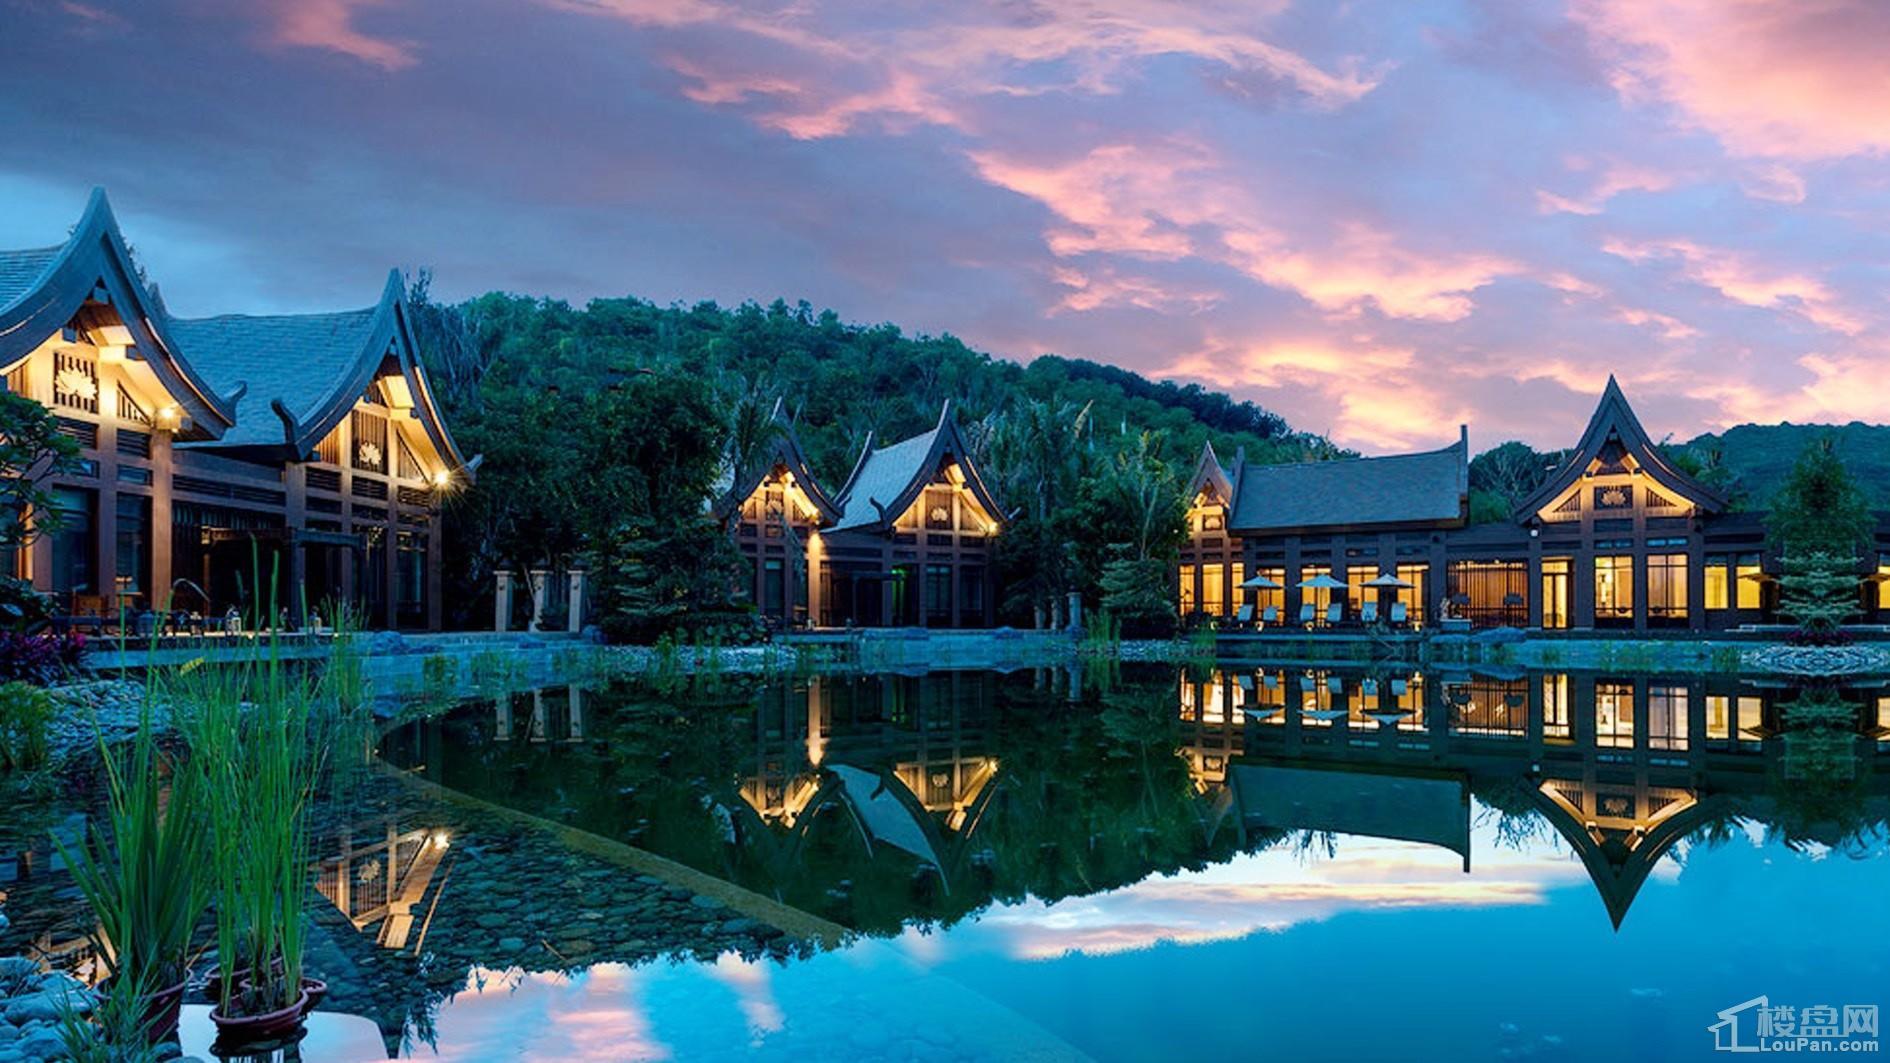 万达西双版纳国际度假区实景图